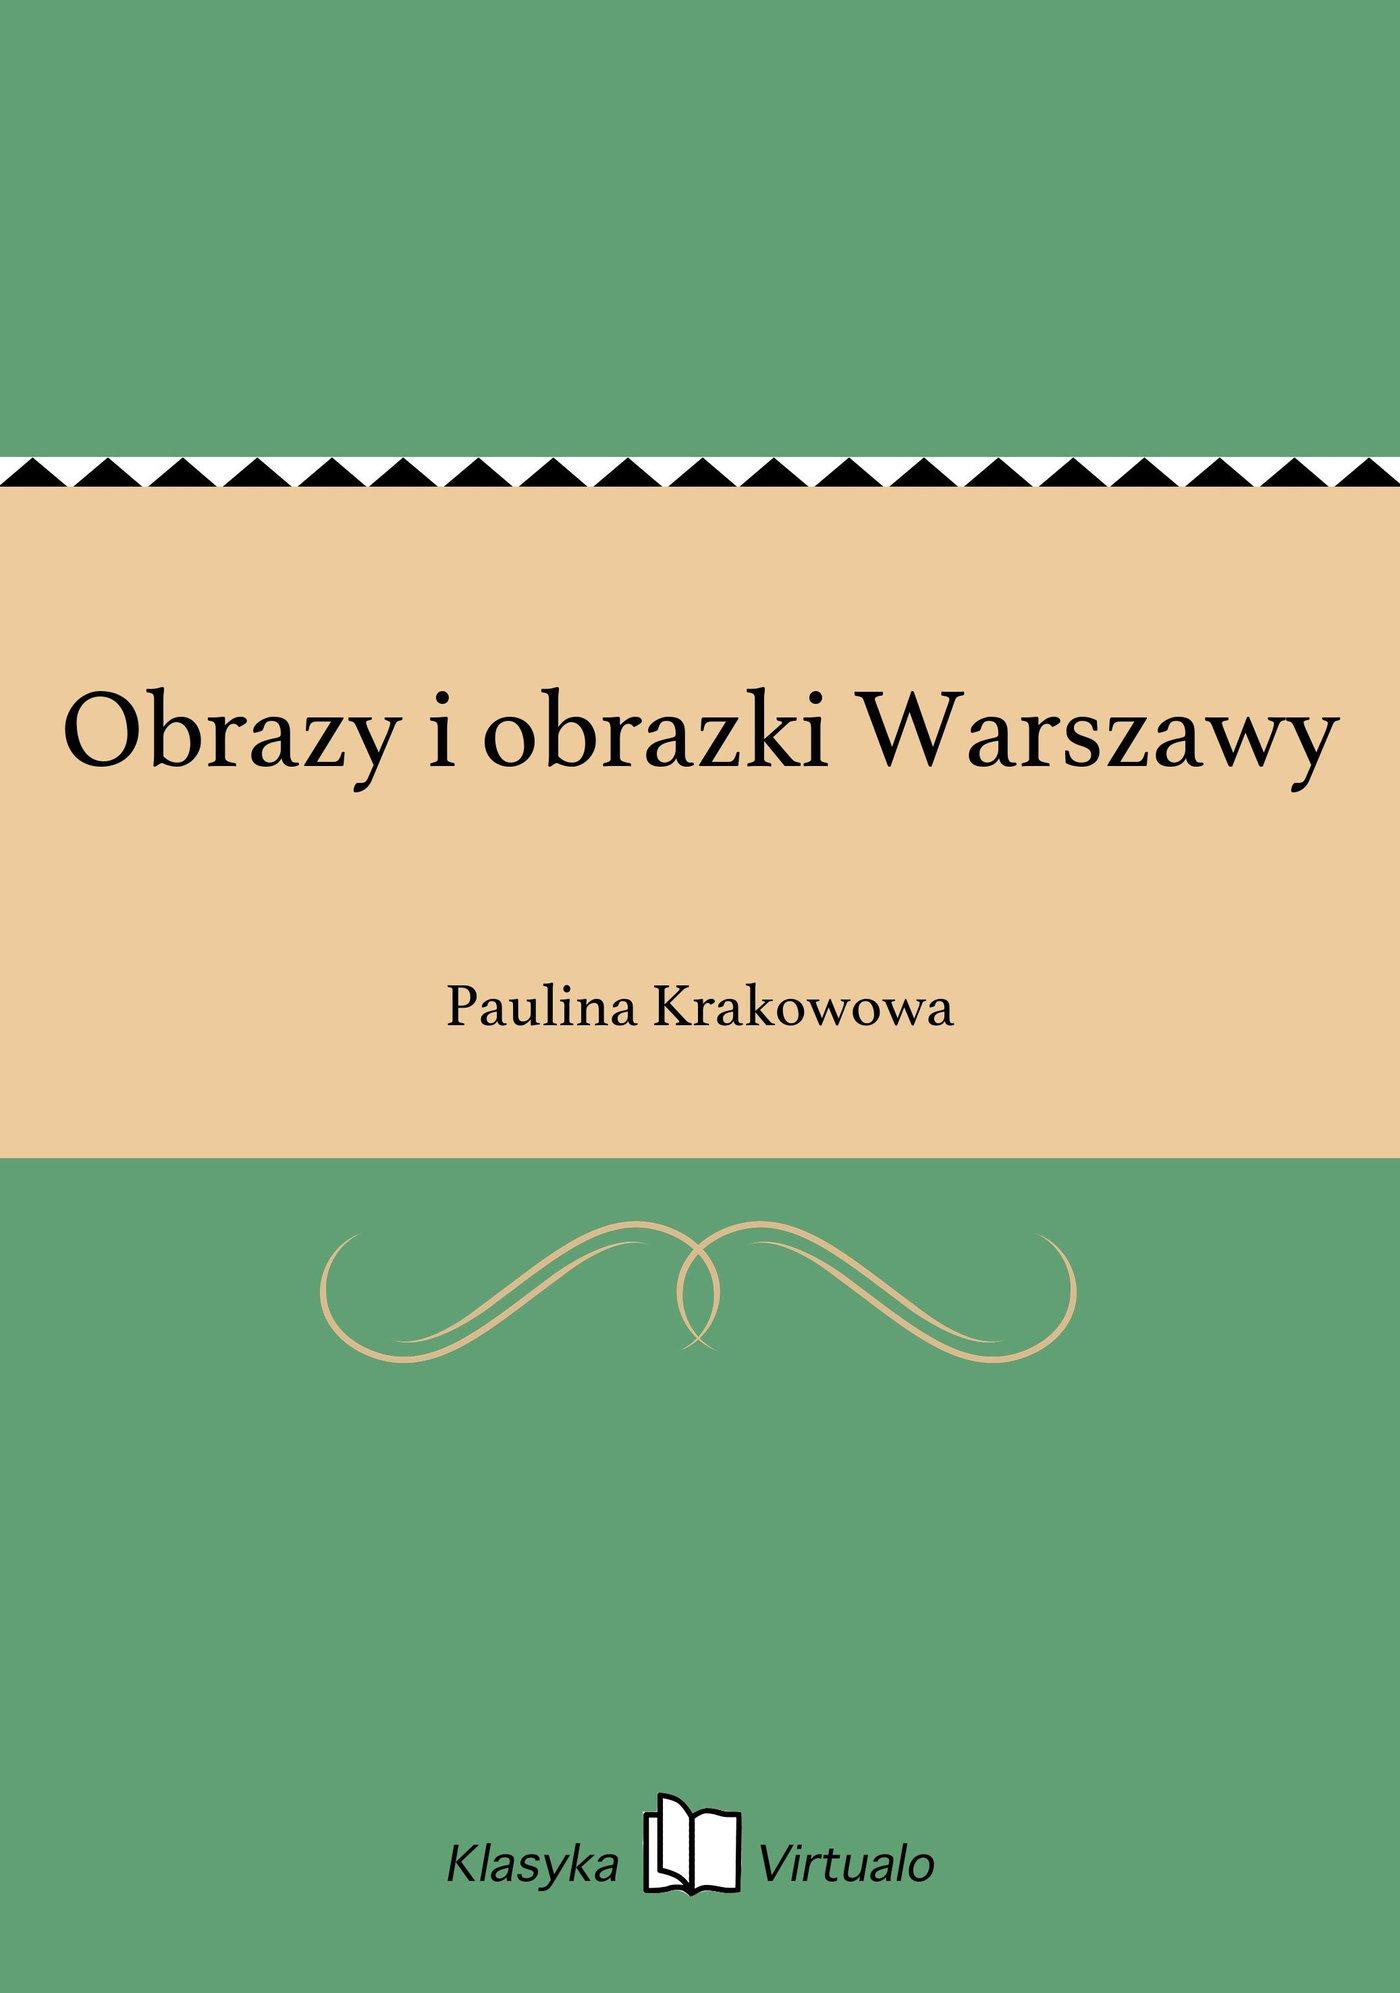 Obrazy i obrazki Warszawy - Ebook (Książka EPUB) do pobrania w formacie EPUB